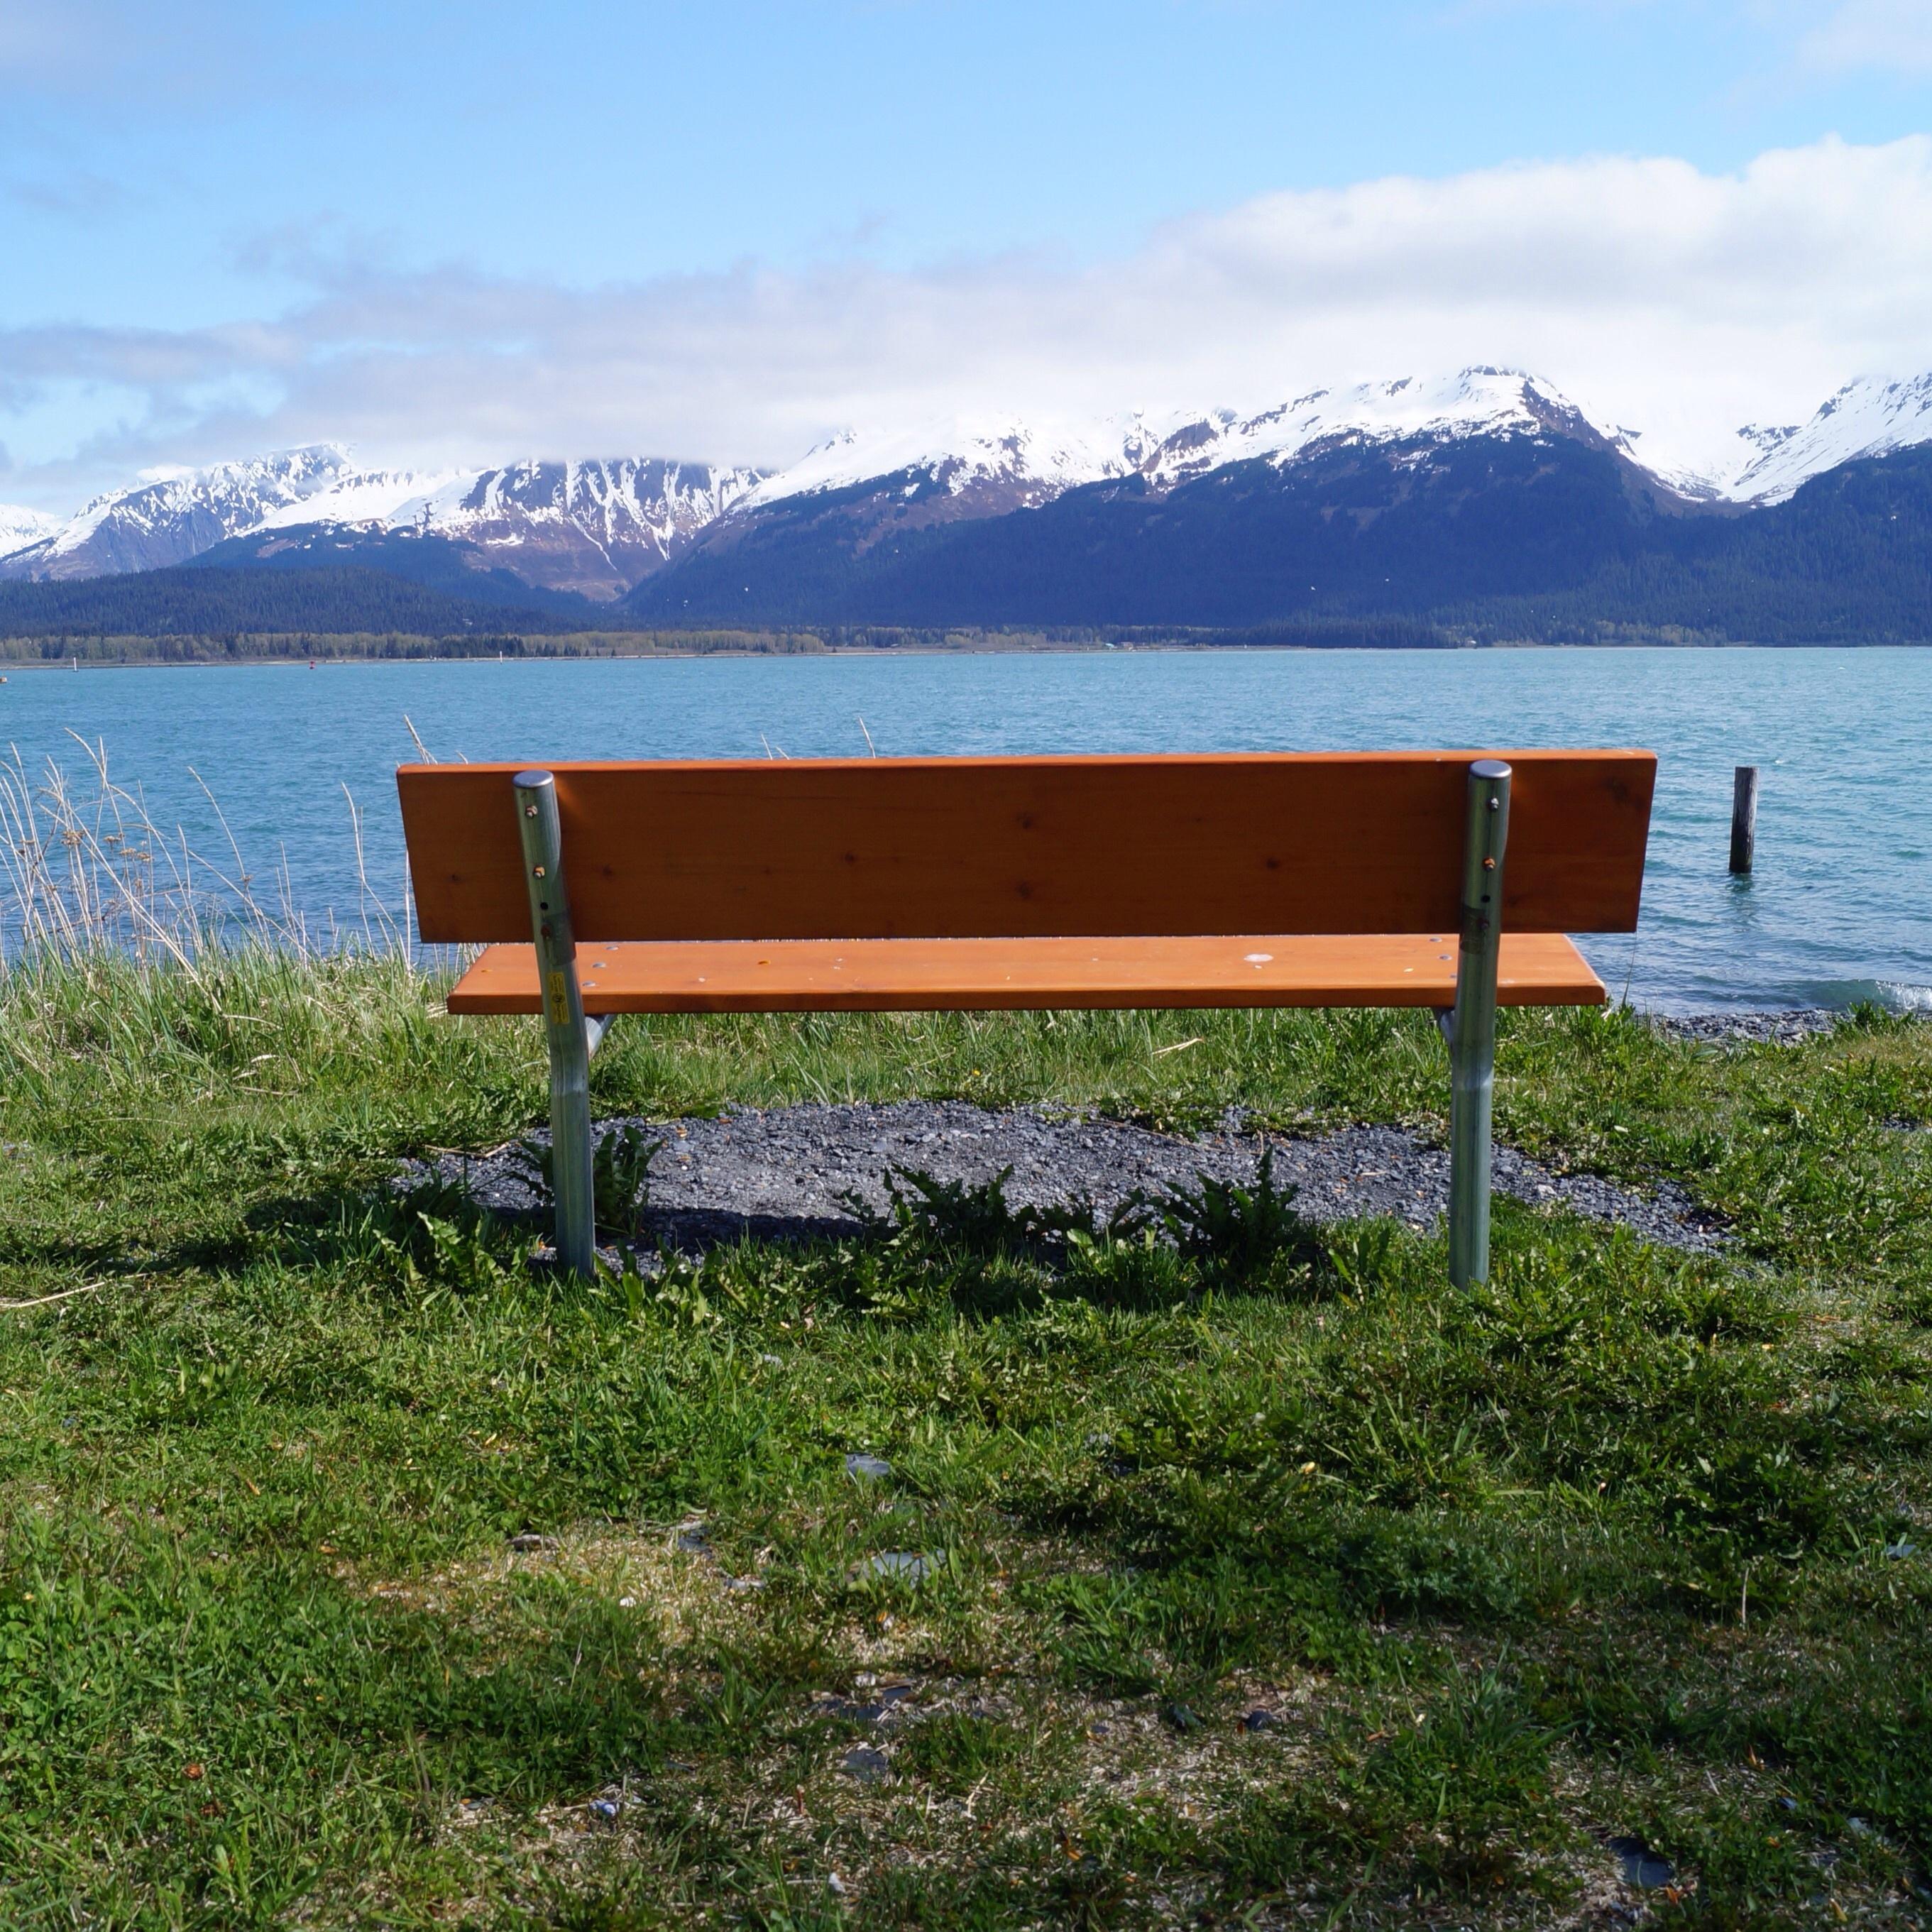 Fotos Gratis Mar Monta A Lago Mueble 2722×2722 10093  # Muebles Hielo Sur